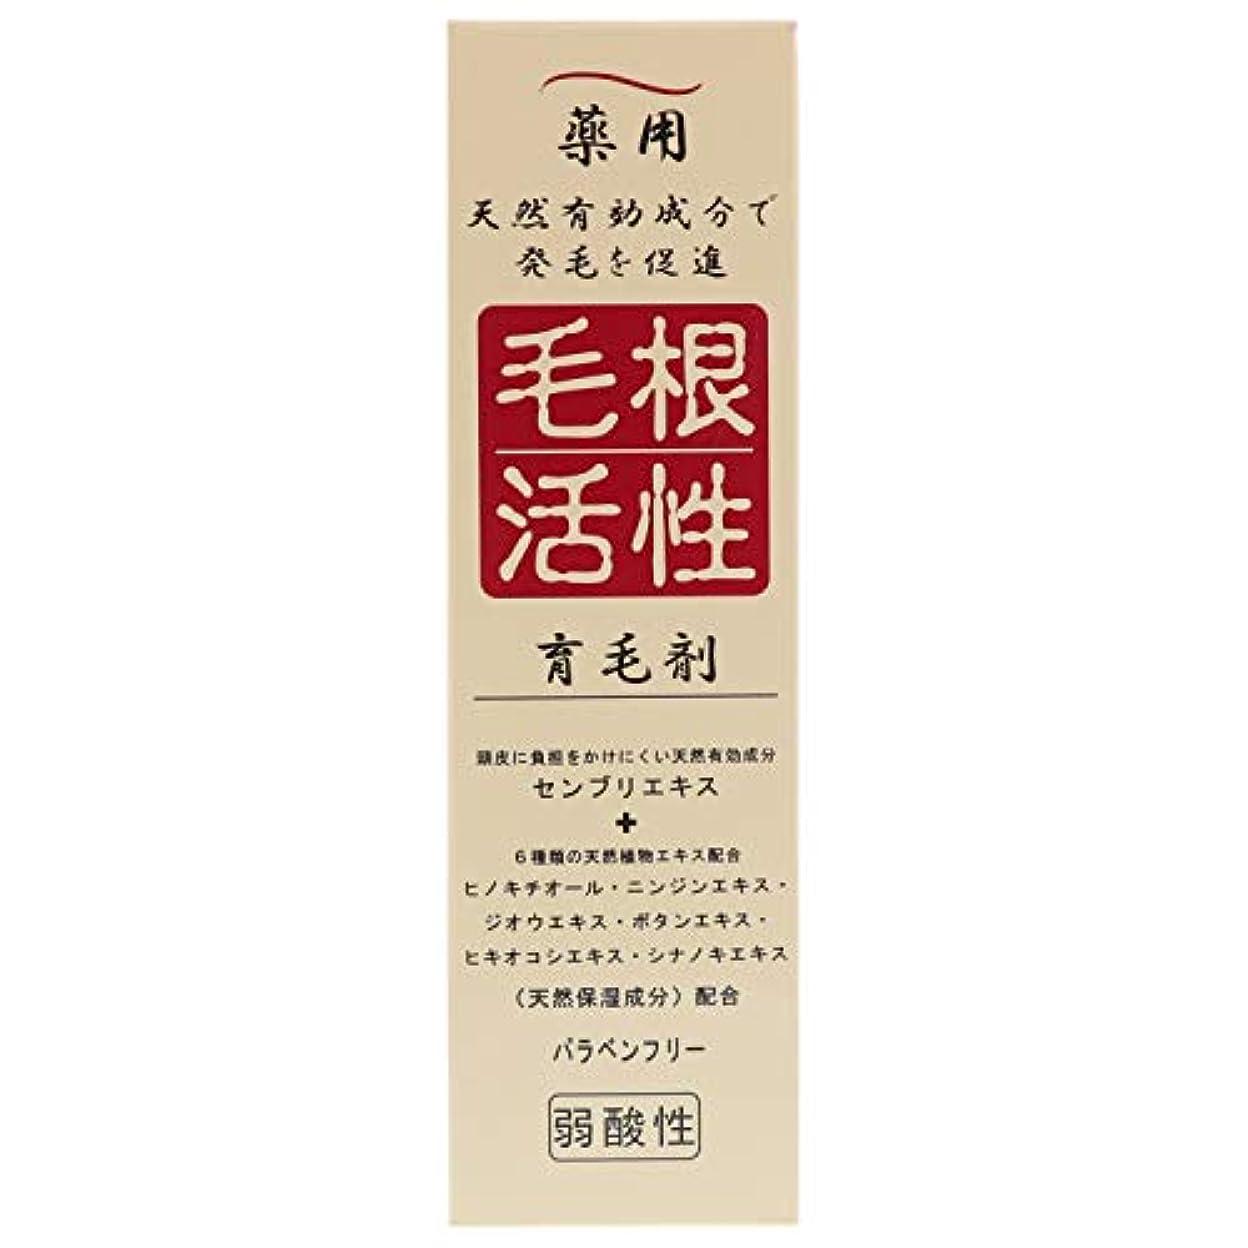 ライドバンク枠薬用毛根活性育毛剤 150ml